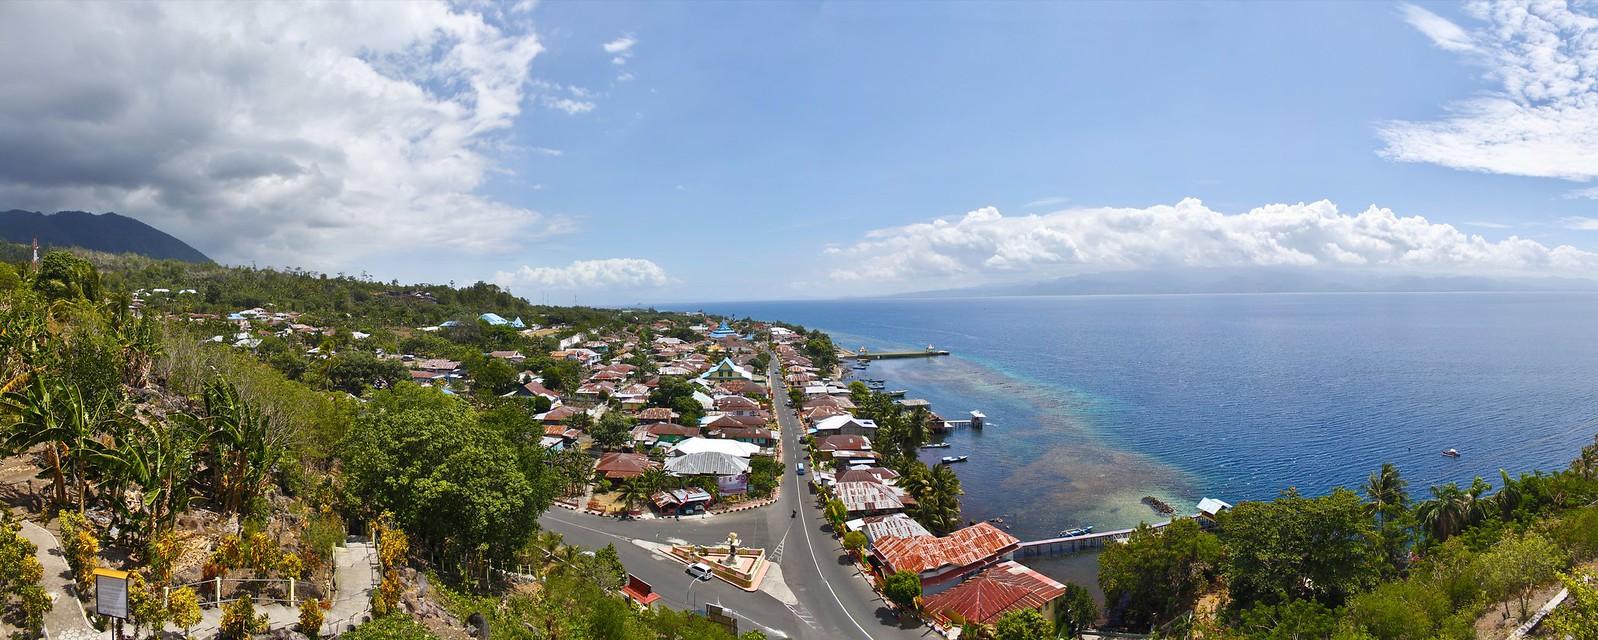 panoramica en Tidore